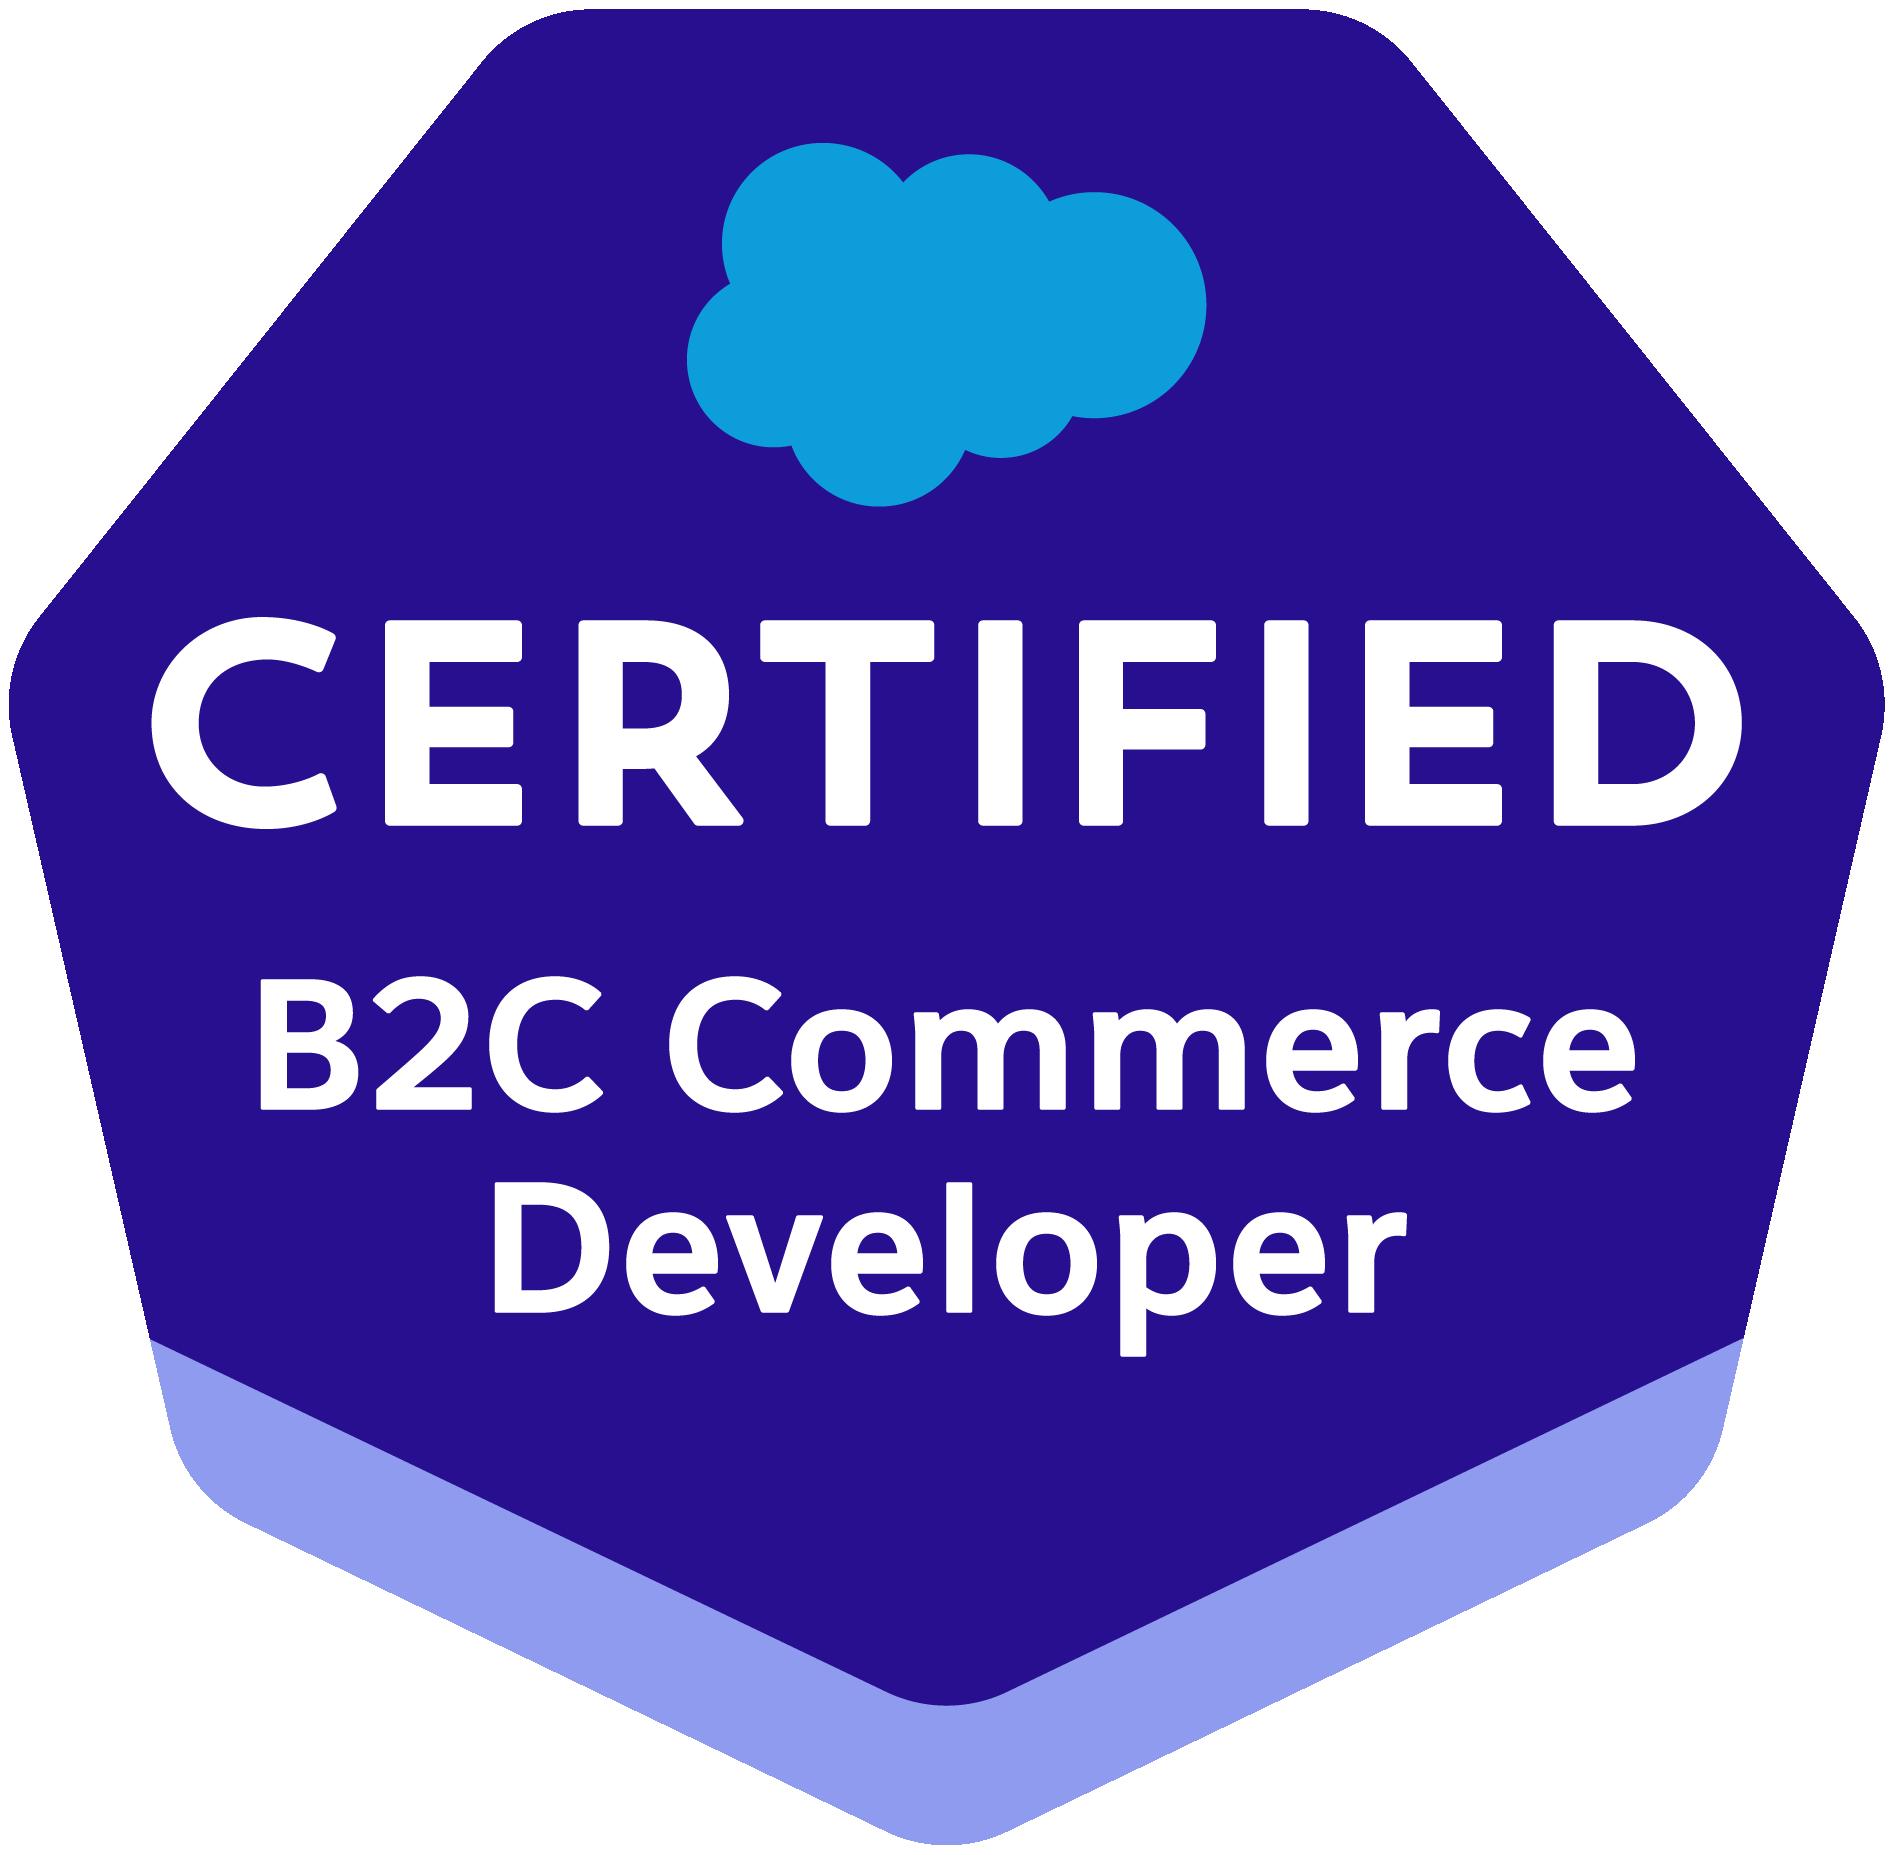 Certified B2C Commerce Developer